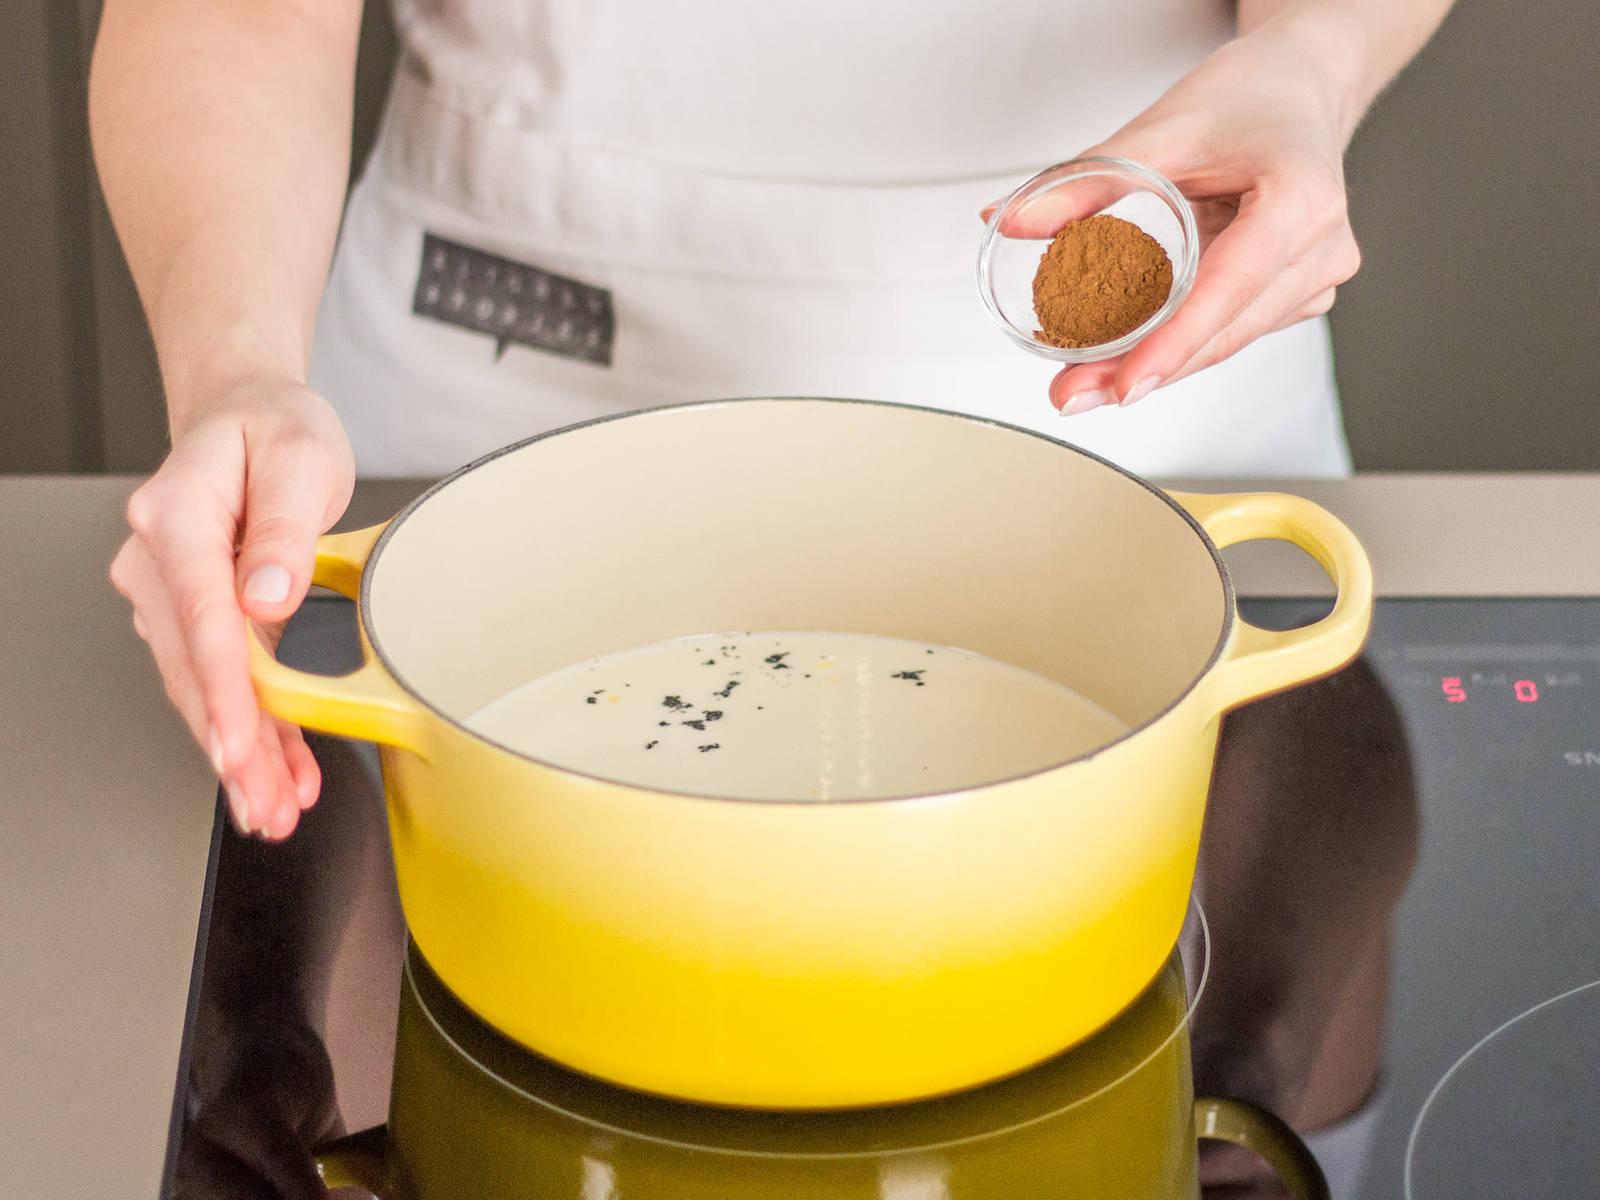 将香草籽、肉桂粉和杏仁奶在大平底锅里混匀,煮沸。放置在一边备用。